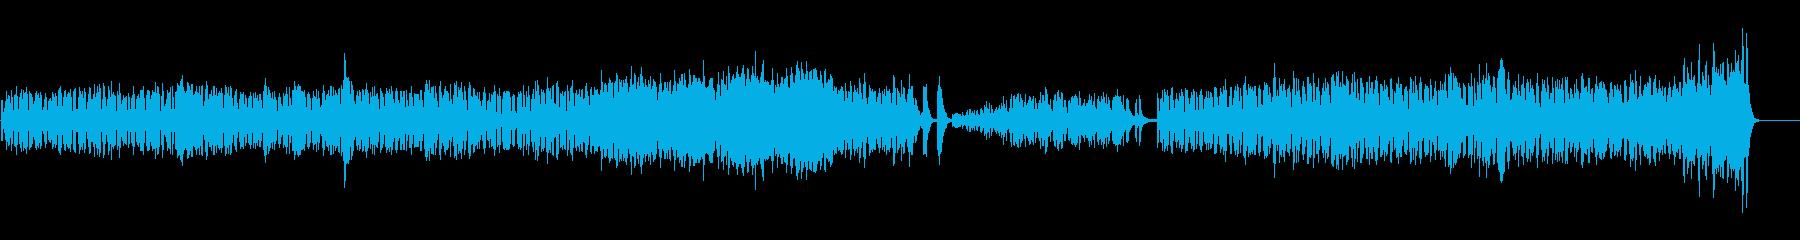 ドキュメント・サウンド(報道向け)の再生済みの波形